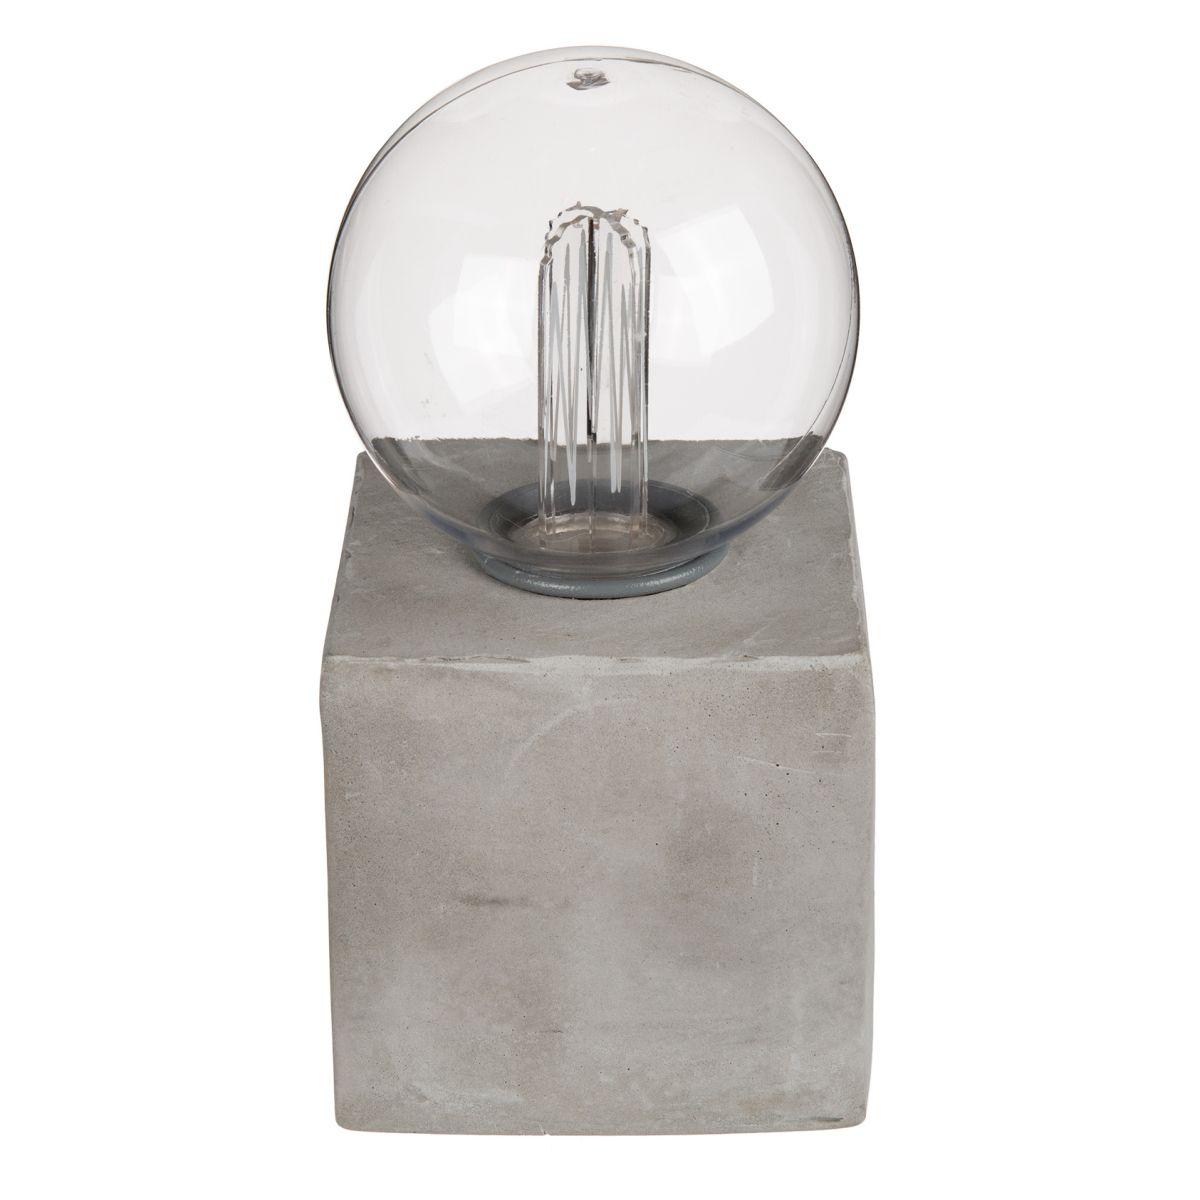 deko leuchte led retro gl hlampe auf zementsockel. Black Bedroom Furniture Sets. Home Design Ideas